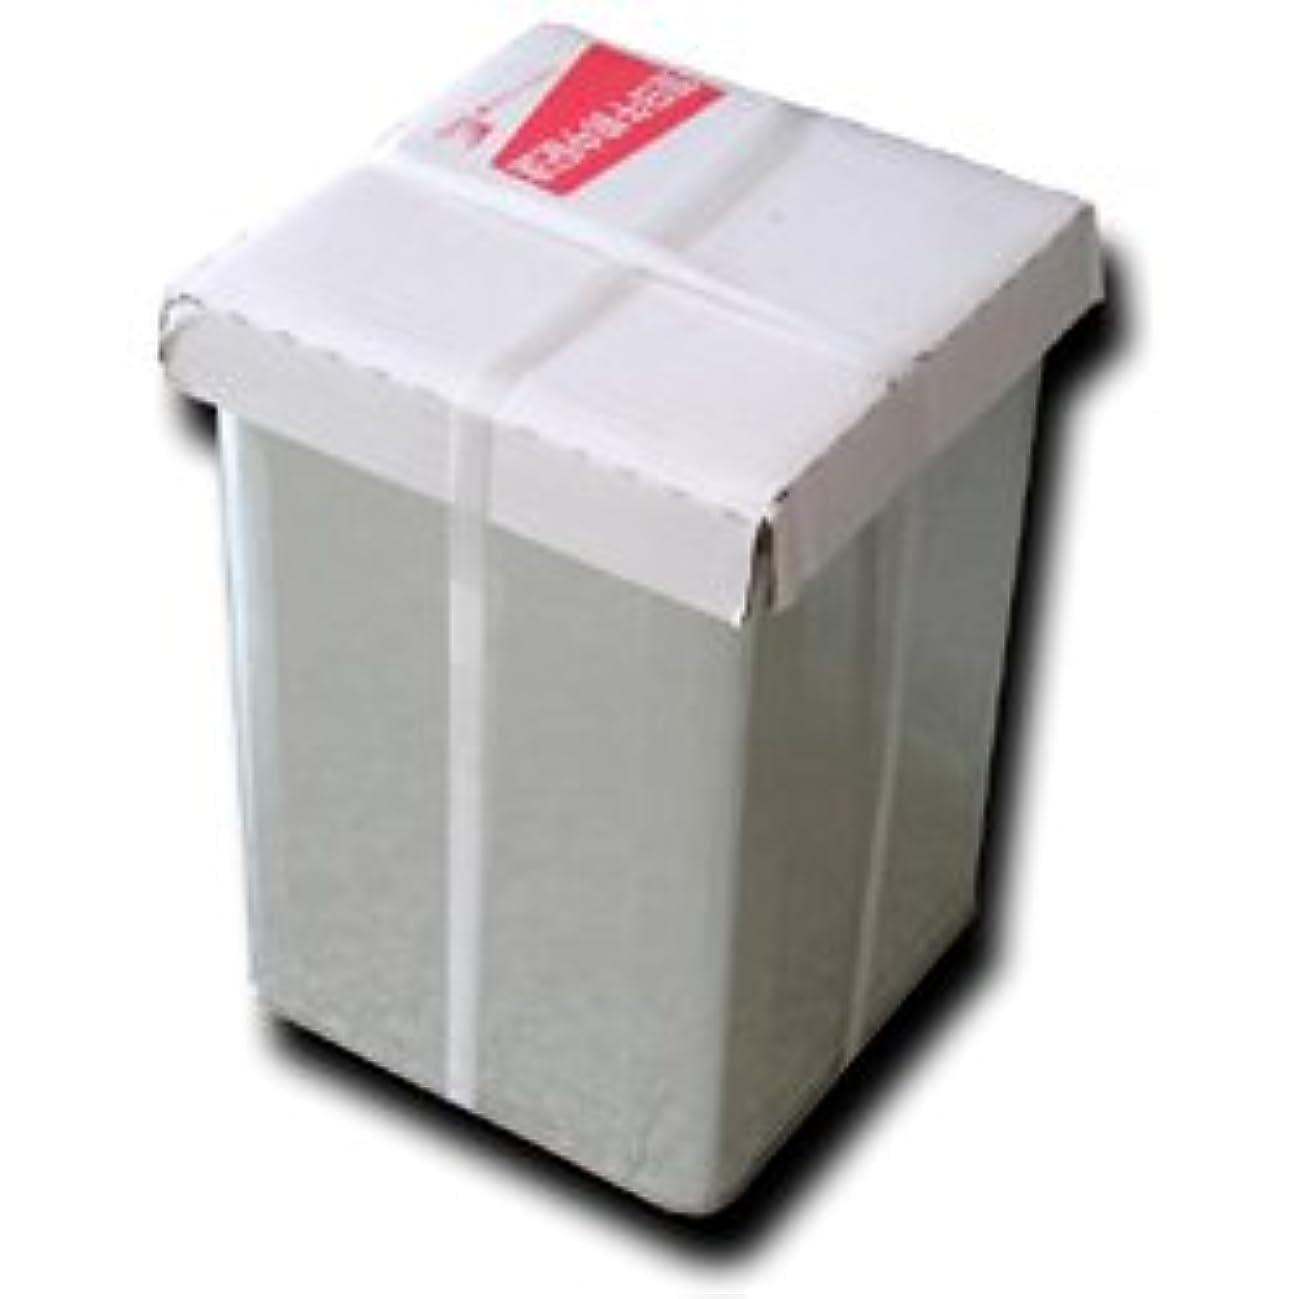 誇り公使館父方の業務用 DHA油 ドコサヘキサエン酸 16kg×1缶 卸用